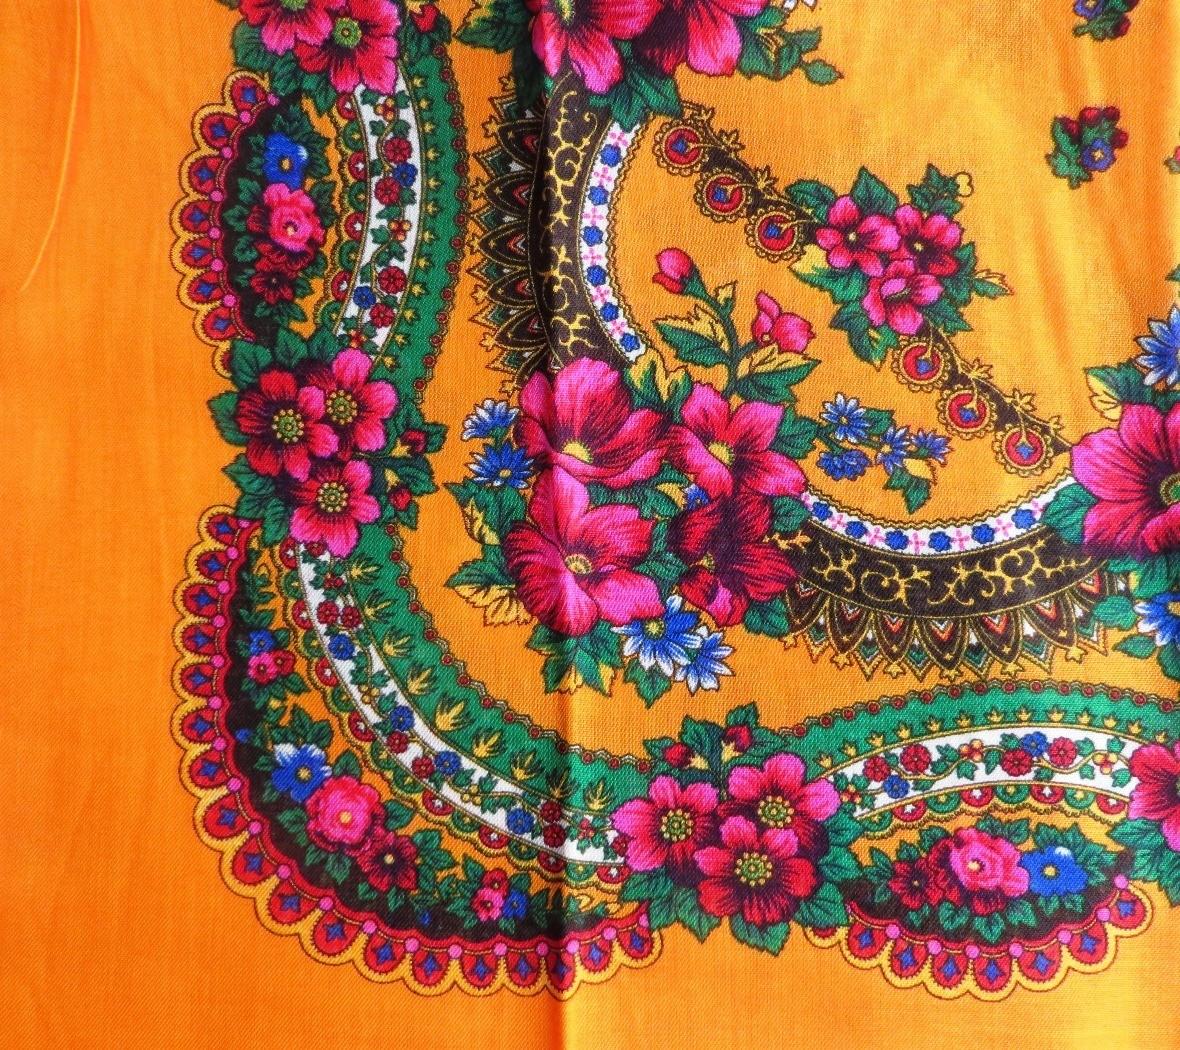 Bright orange vintage tichel